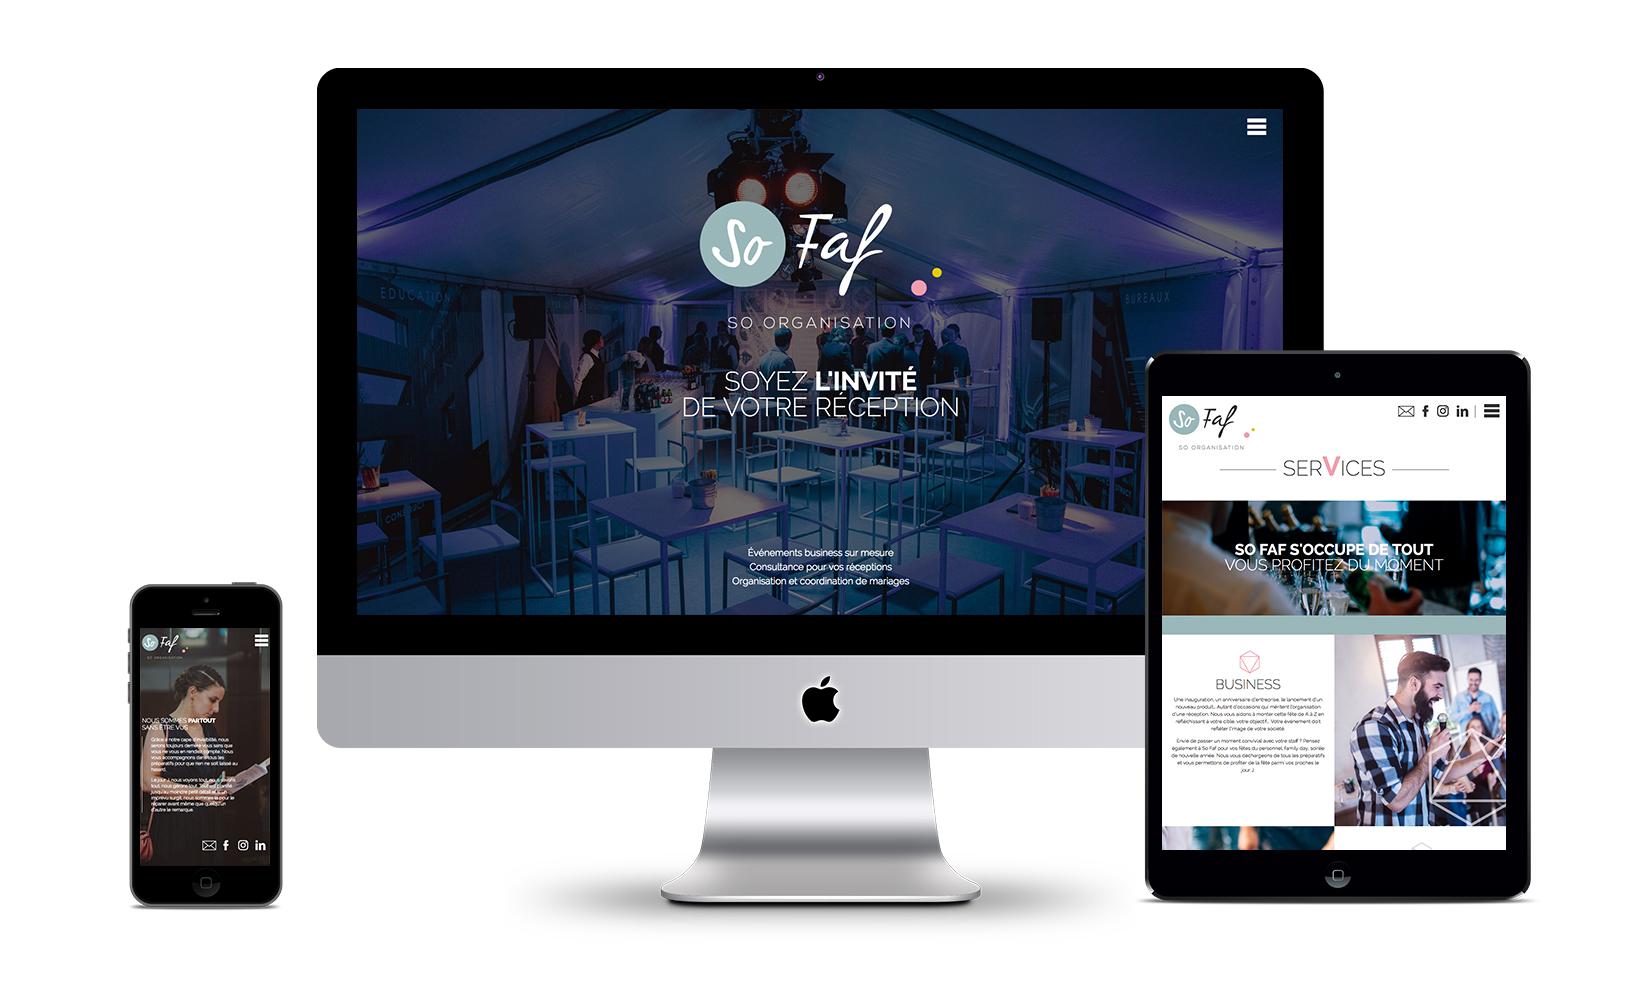 Graphic Plugin, studio de graphisme à Liège : Projet : Design et développement d'un site web pour So Faf